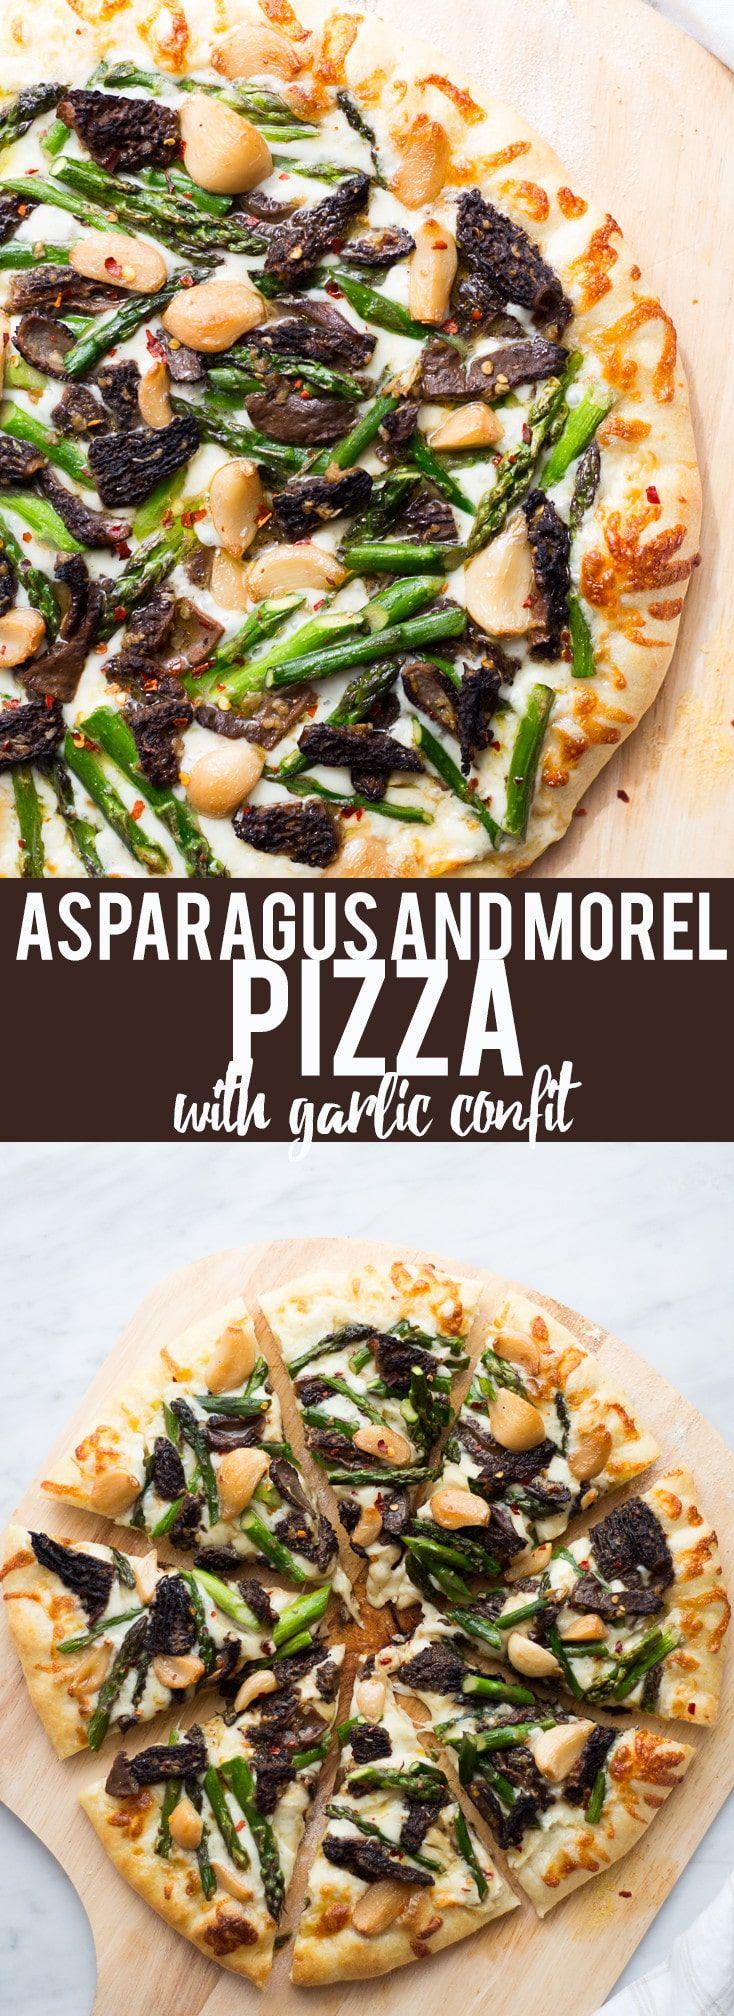 80 best morels images on pinterest morel mushroom for Morel mushroom recipes food network